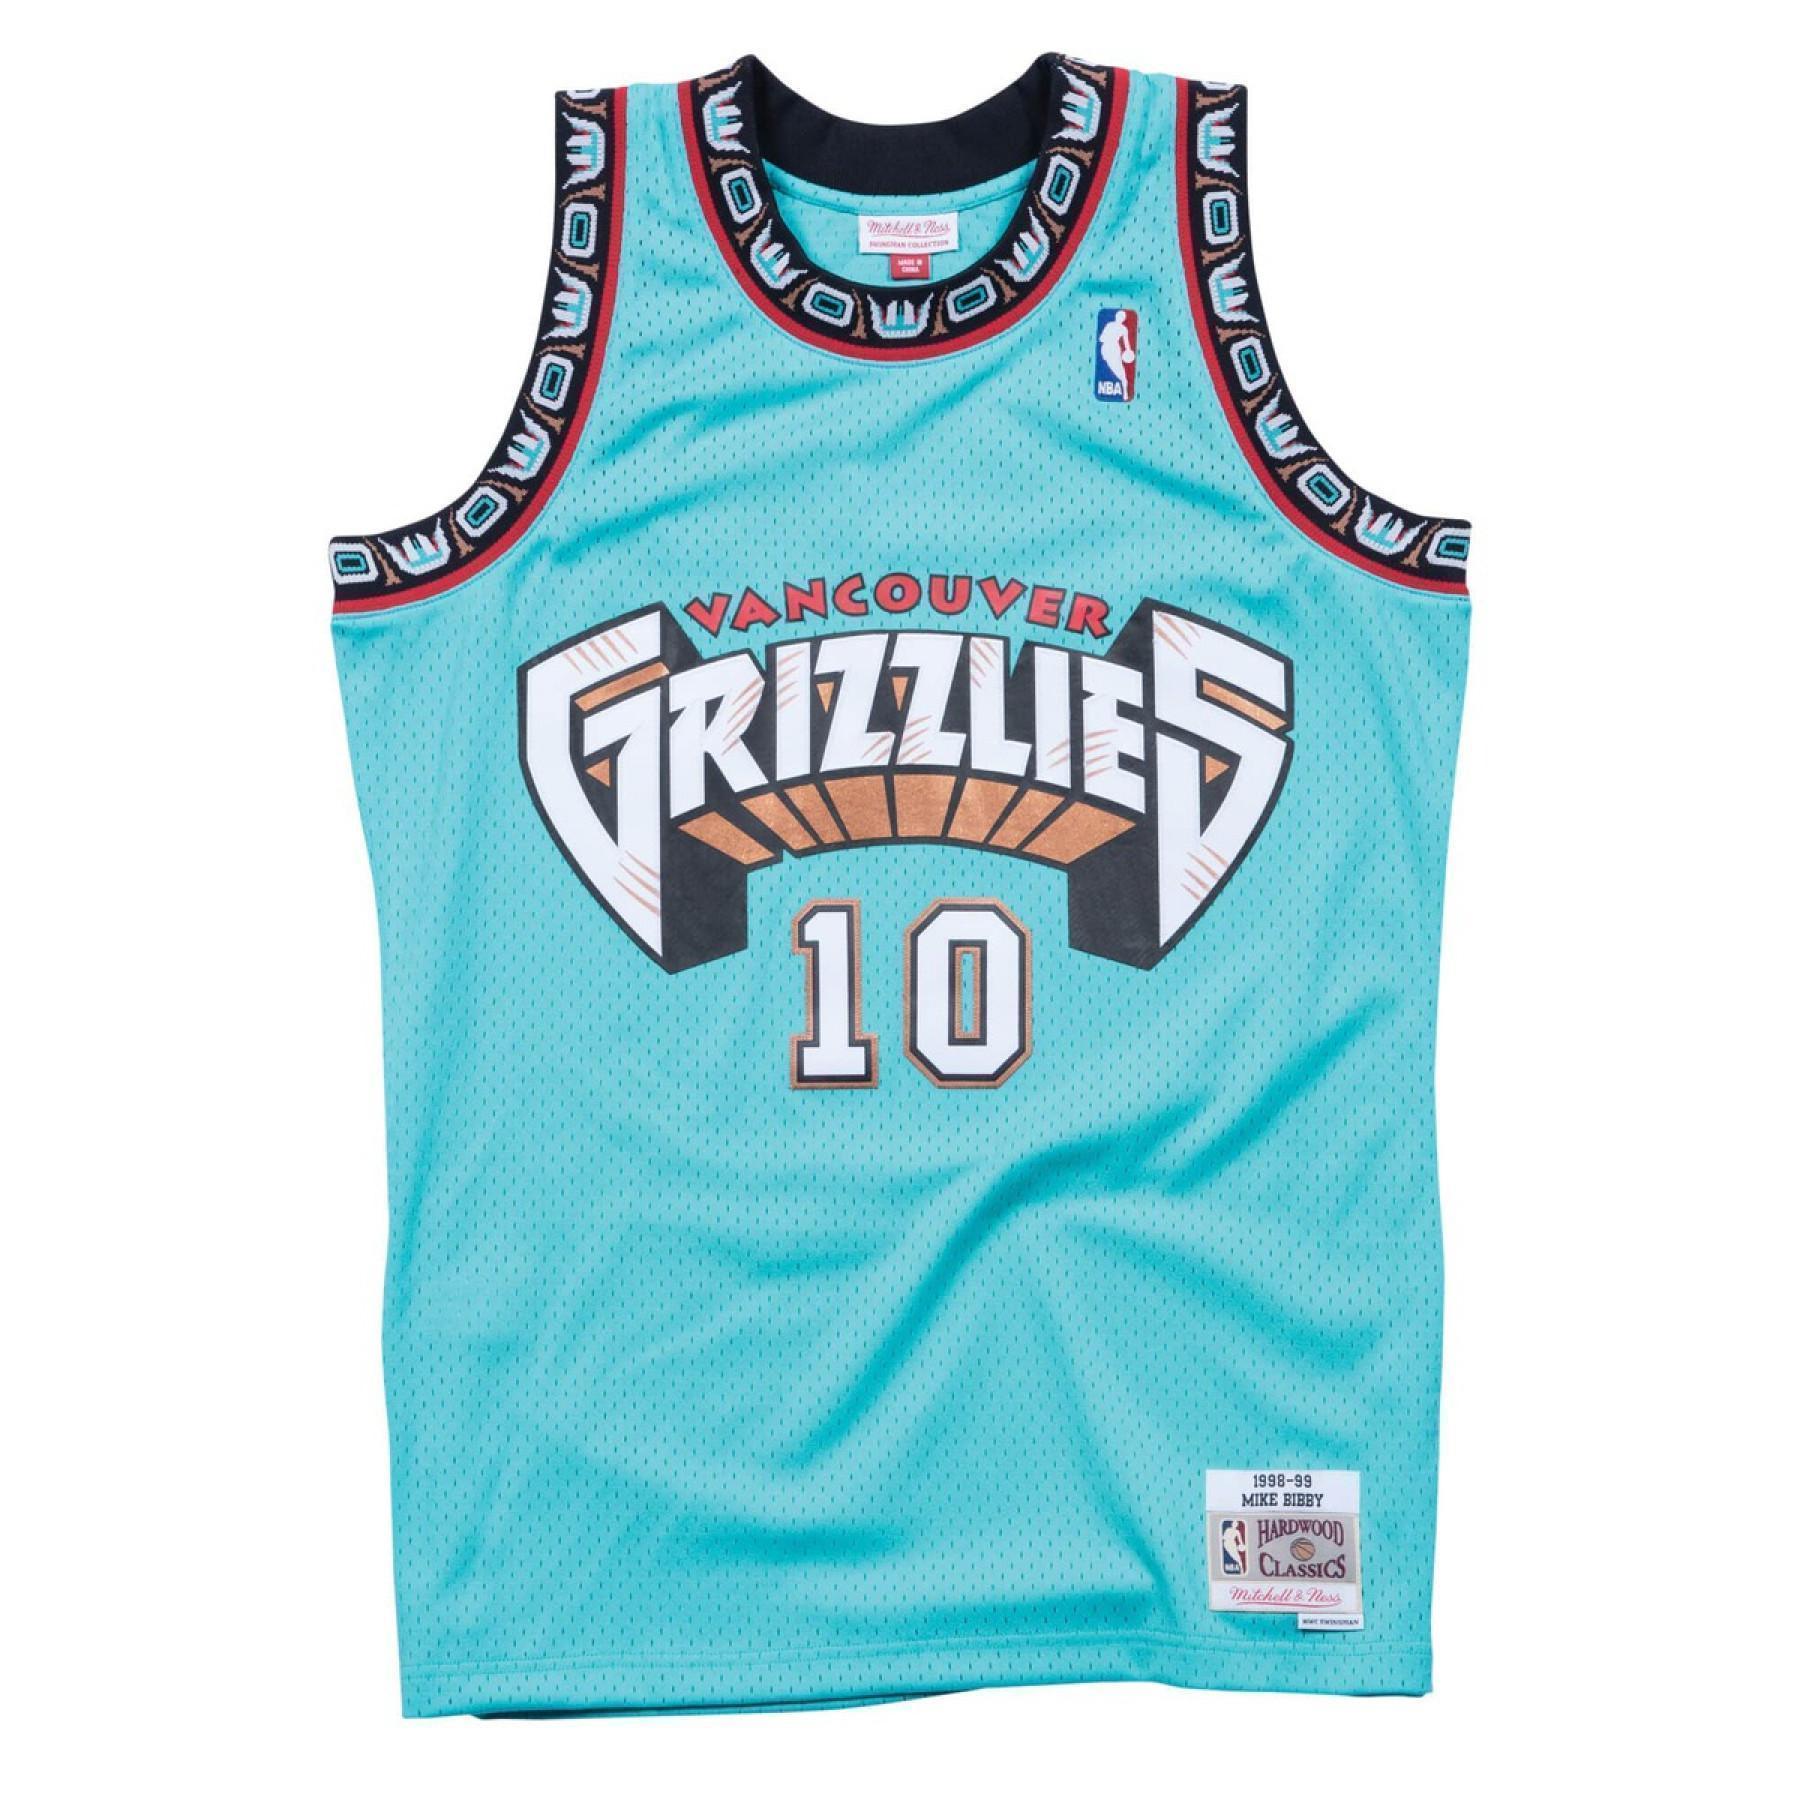 Camiseta Vancouver Grizzlies de la NBA